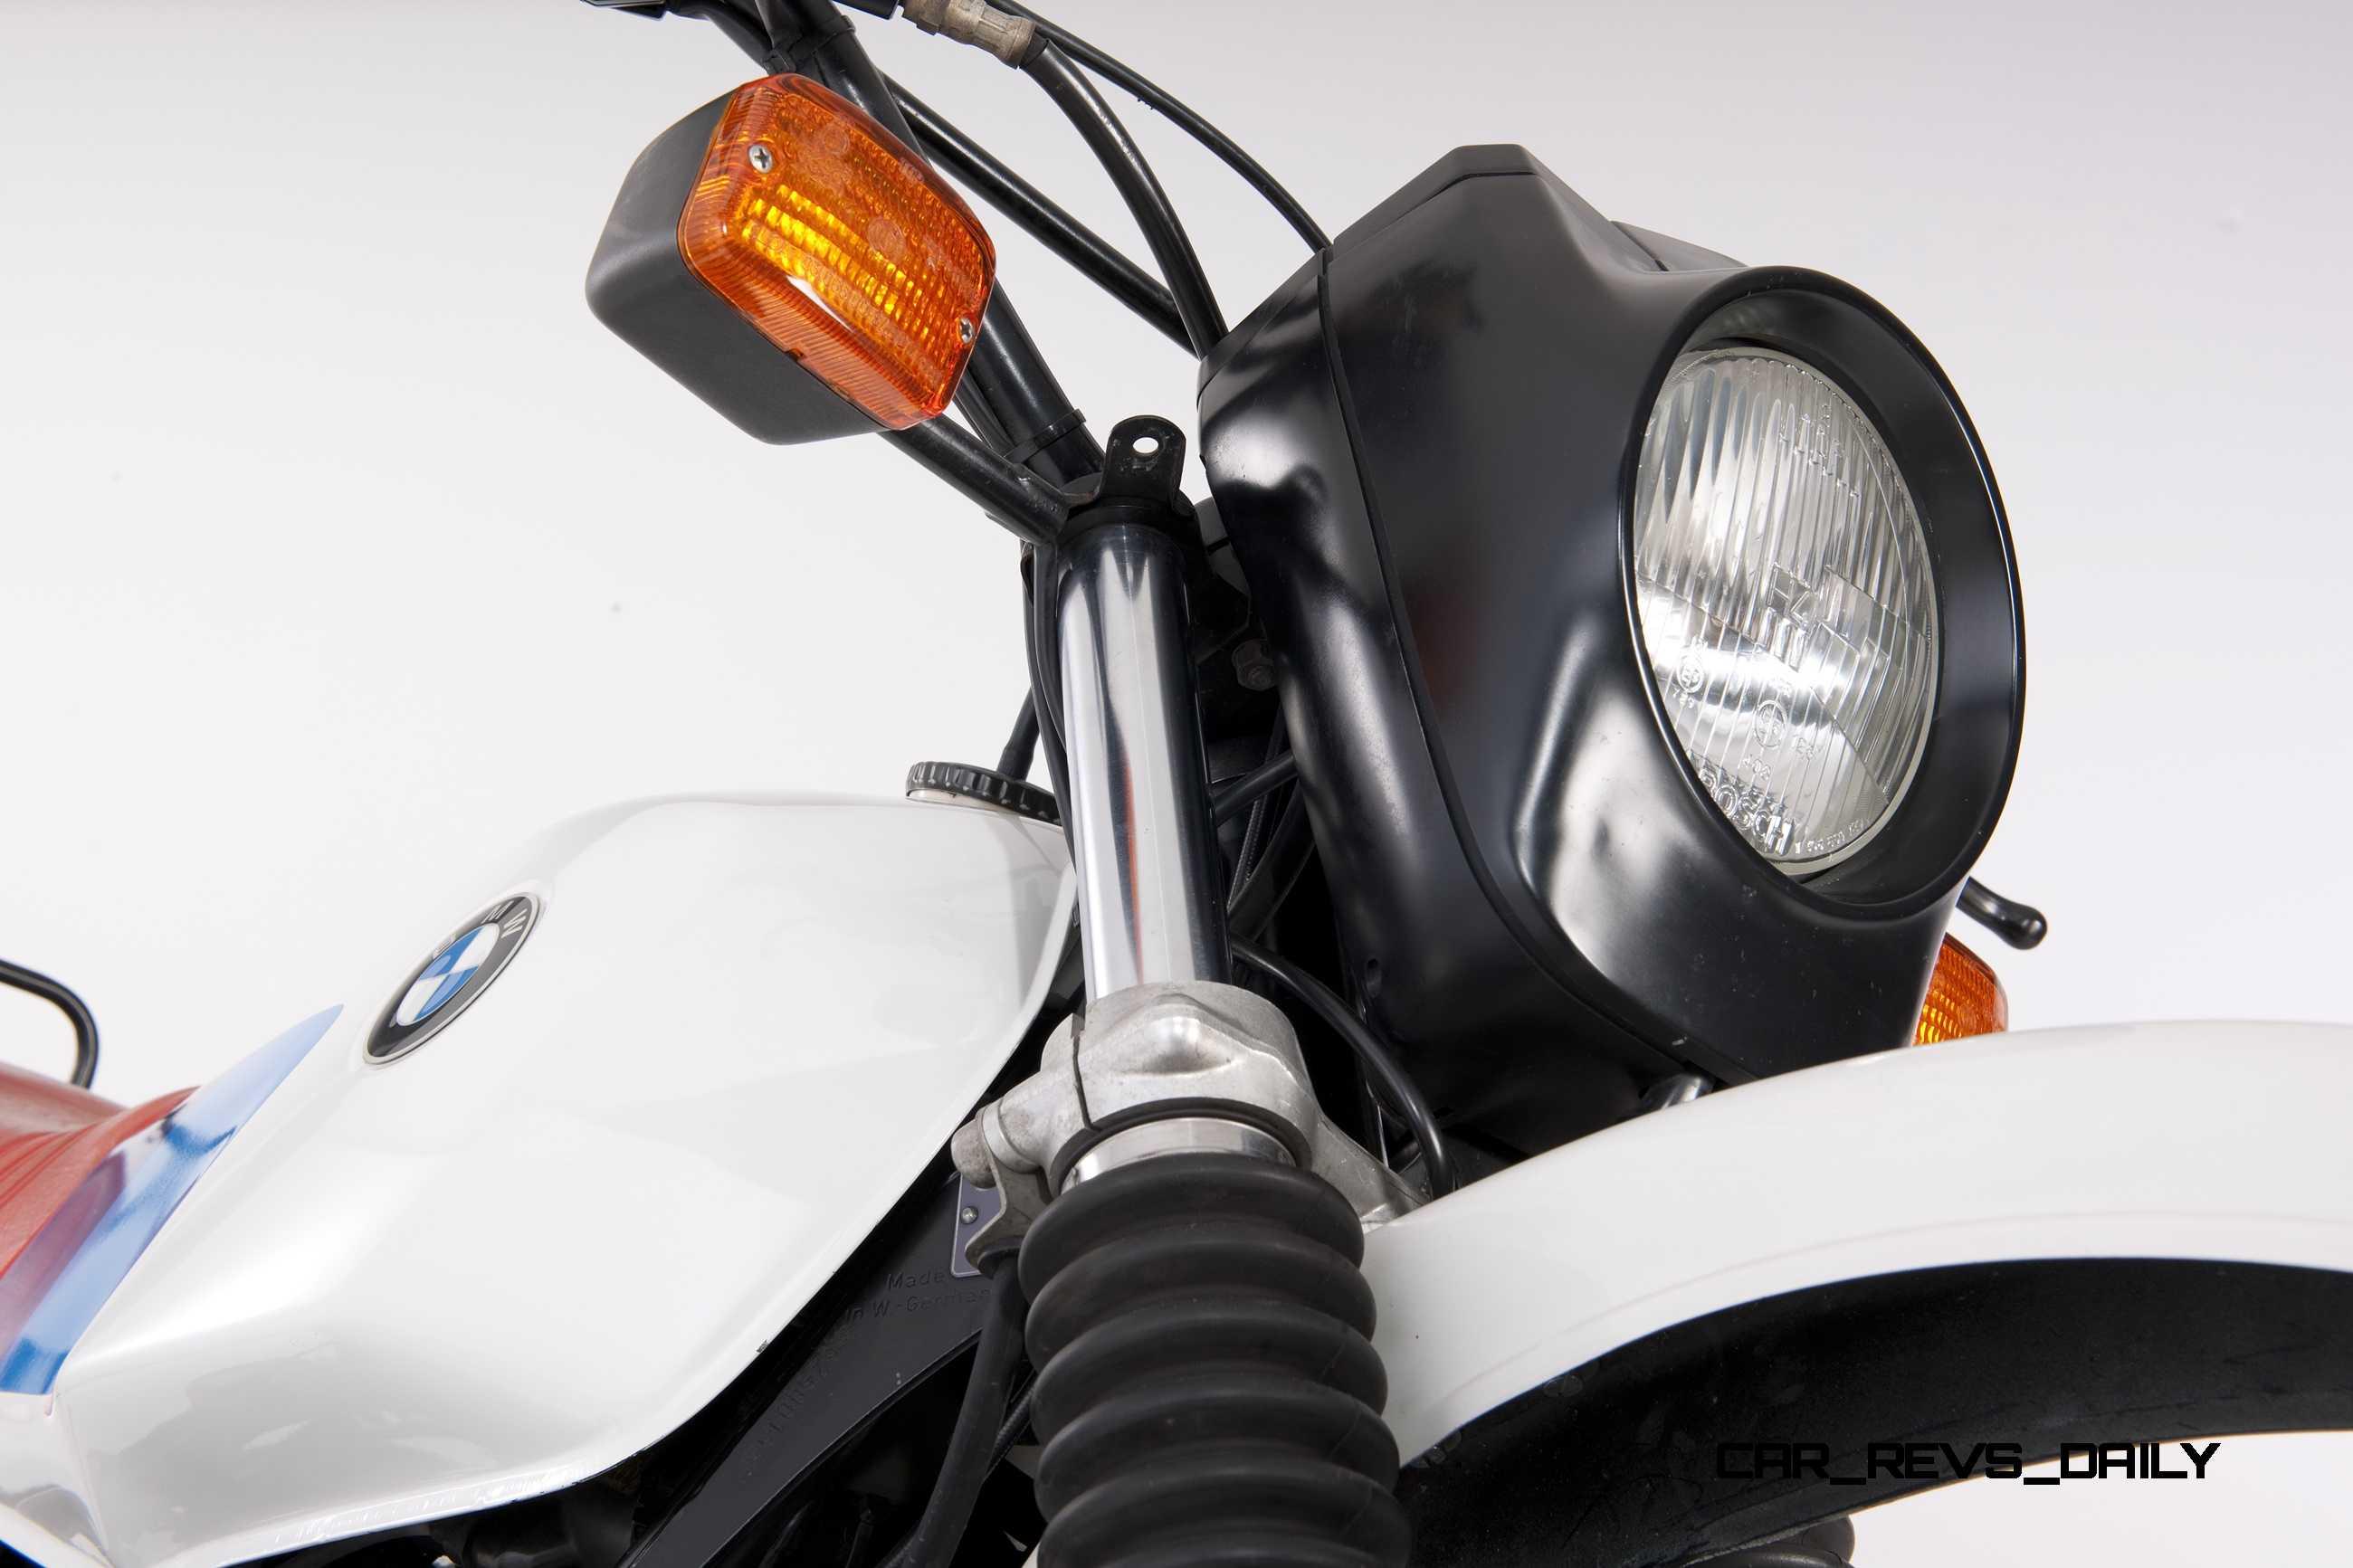 1980-BMW-R80-GS-2.jpg